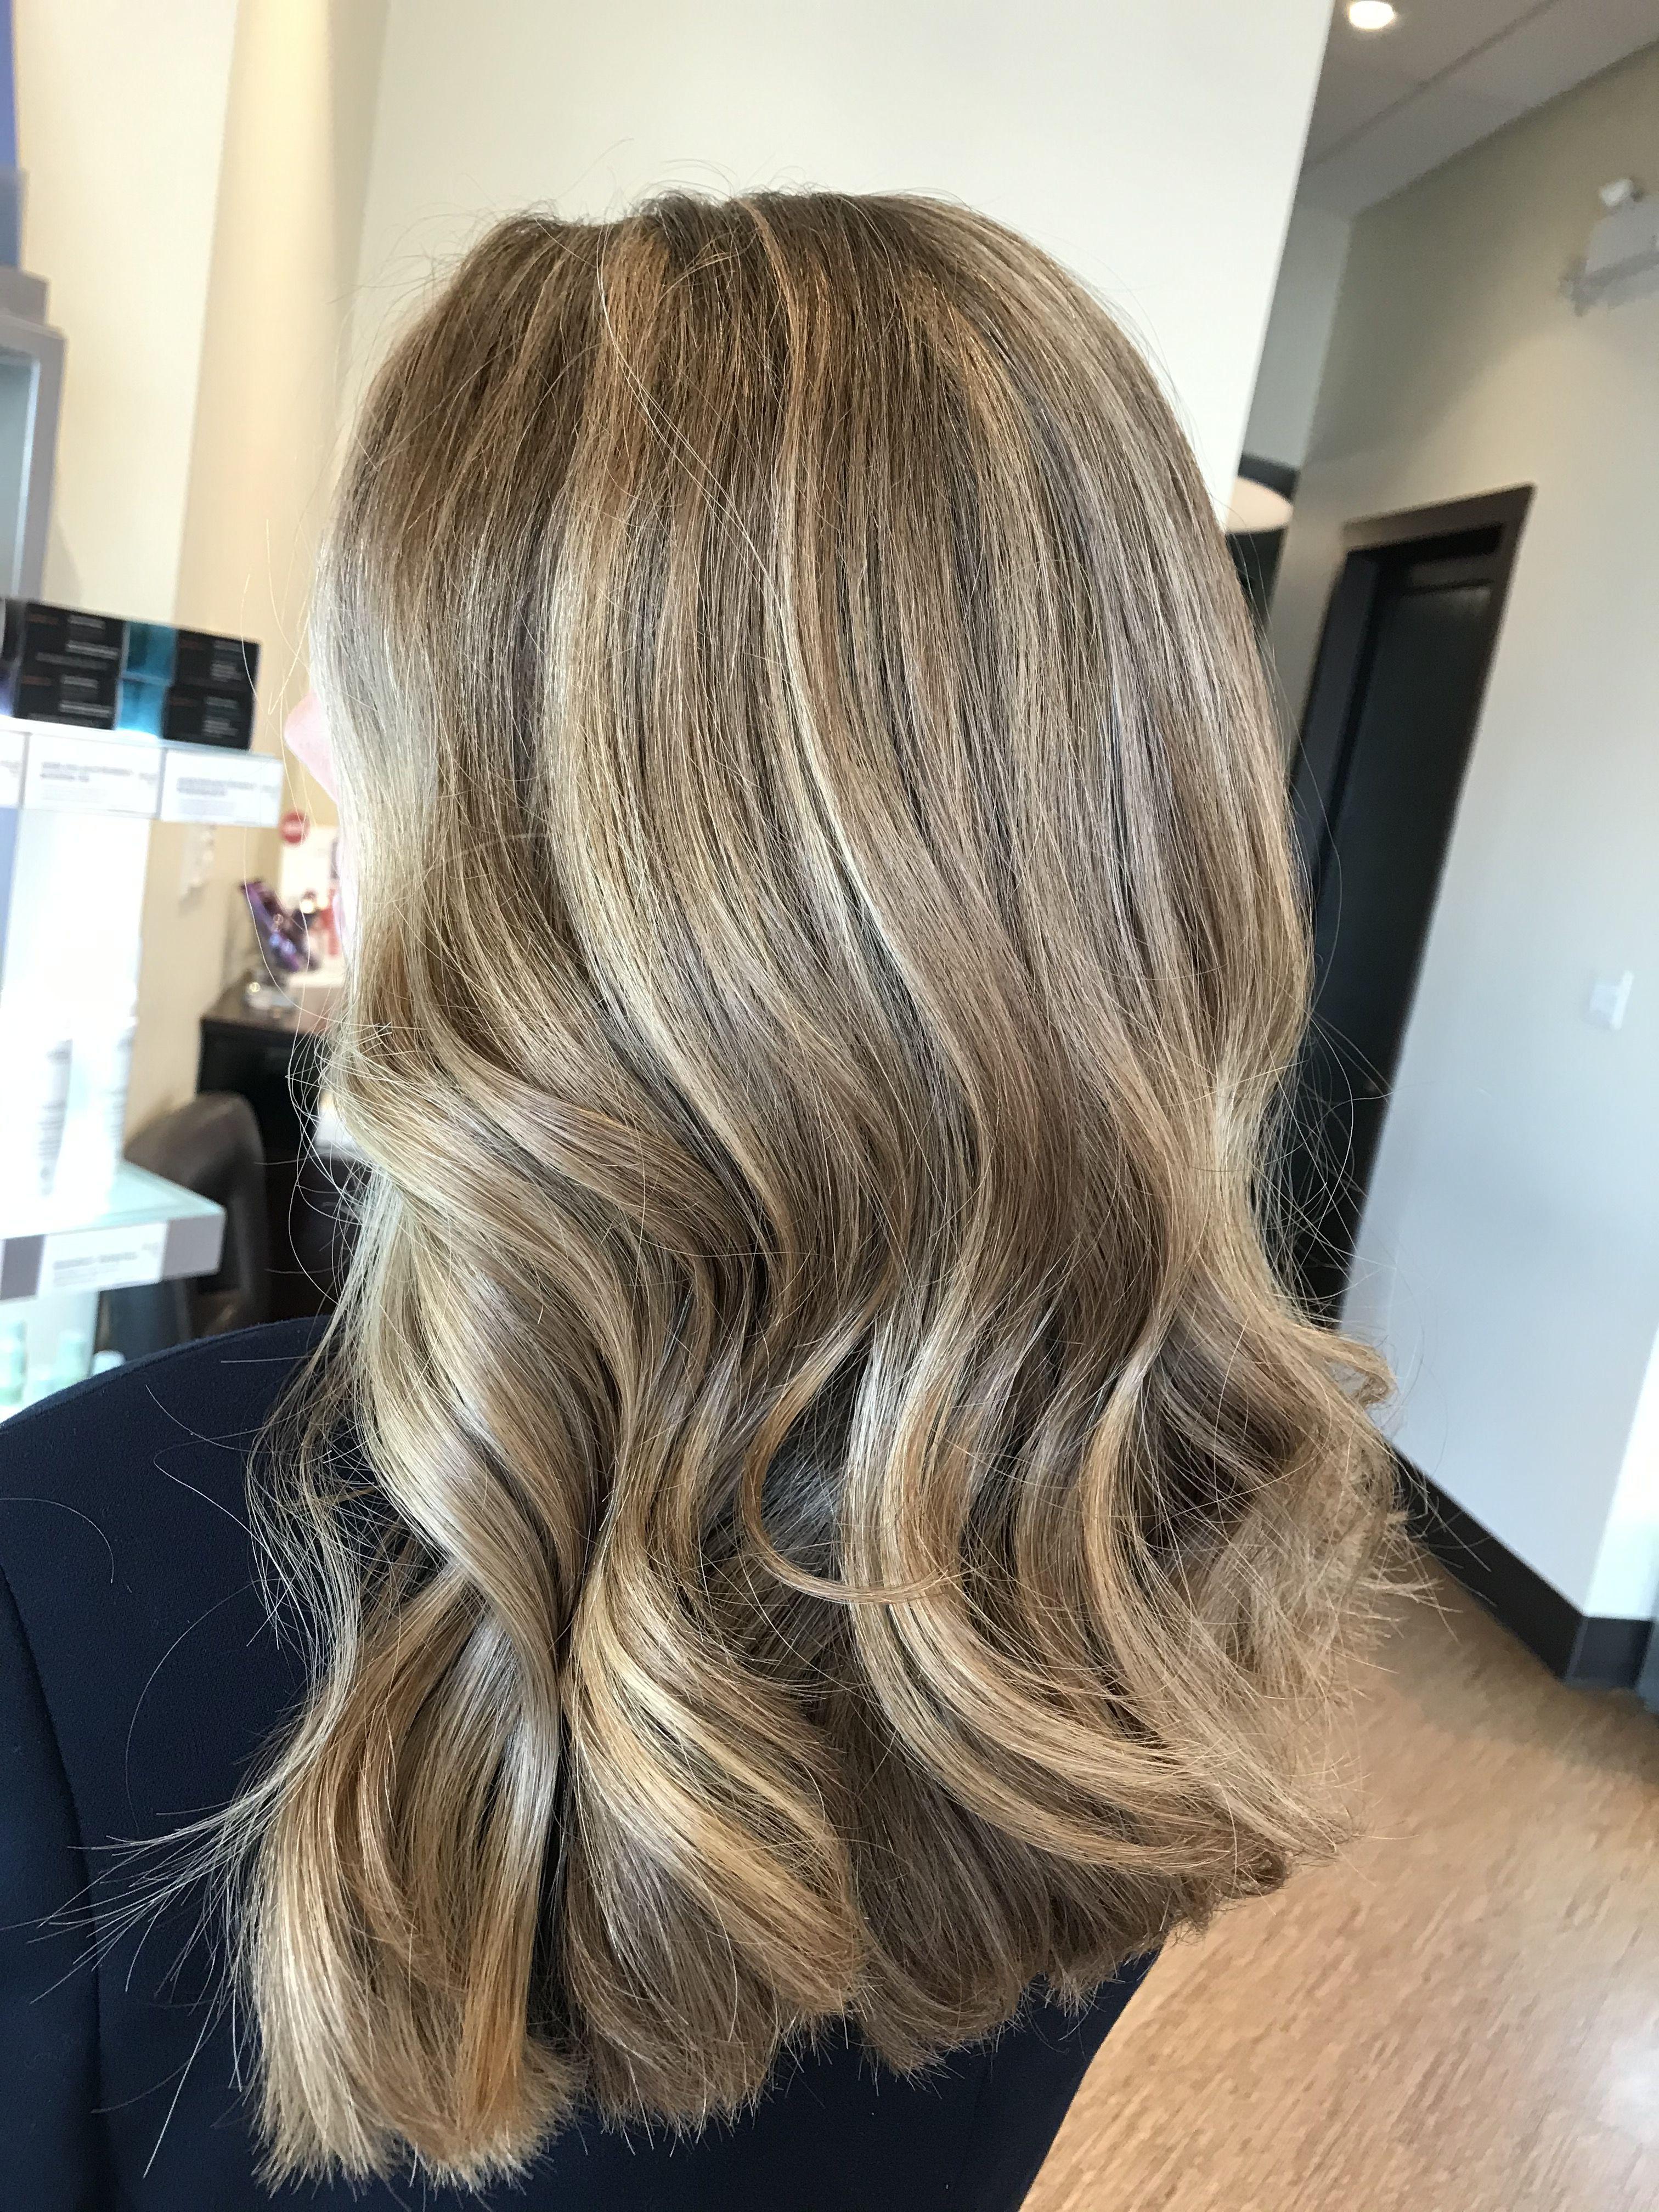 Babylights Aveda Balayage Hair Hair Styles Long Hair Styles